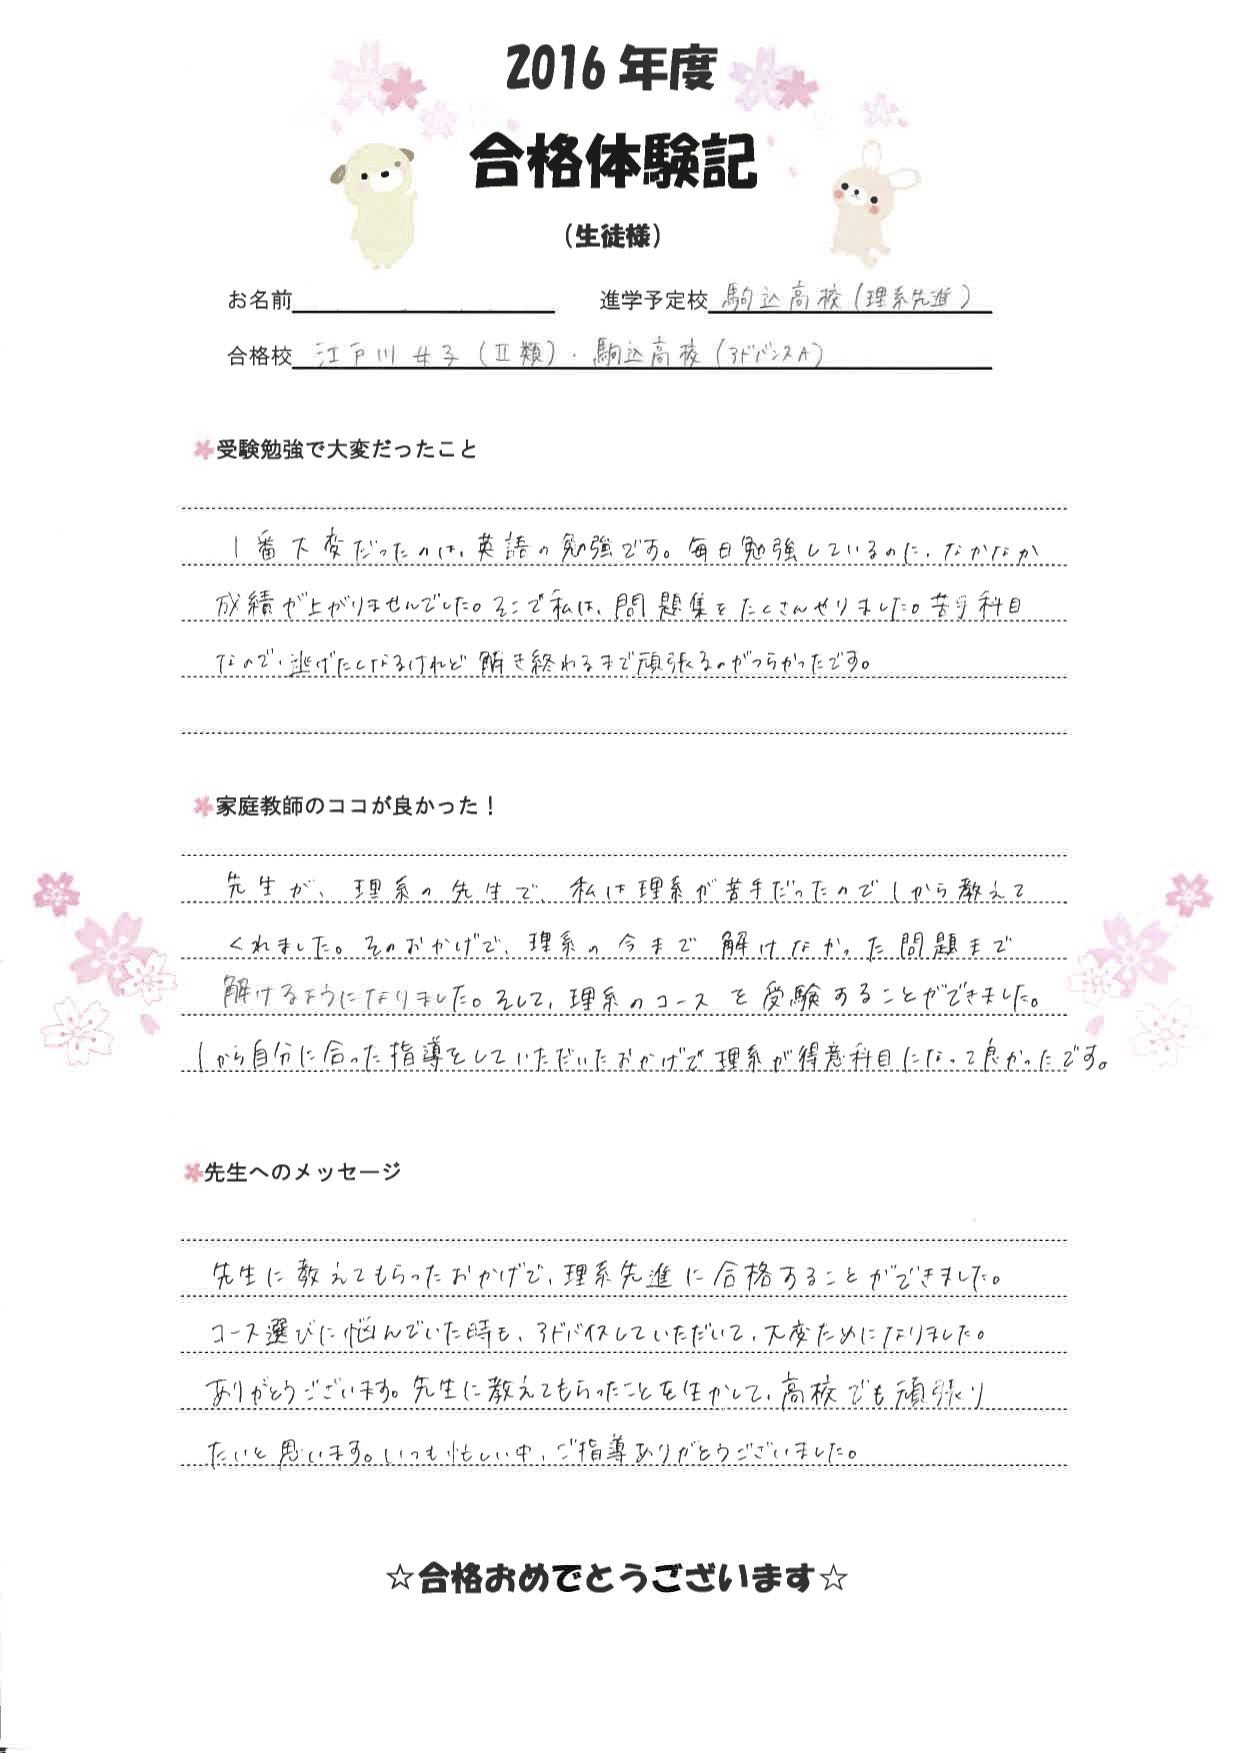 【加工済み】合格体験記19